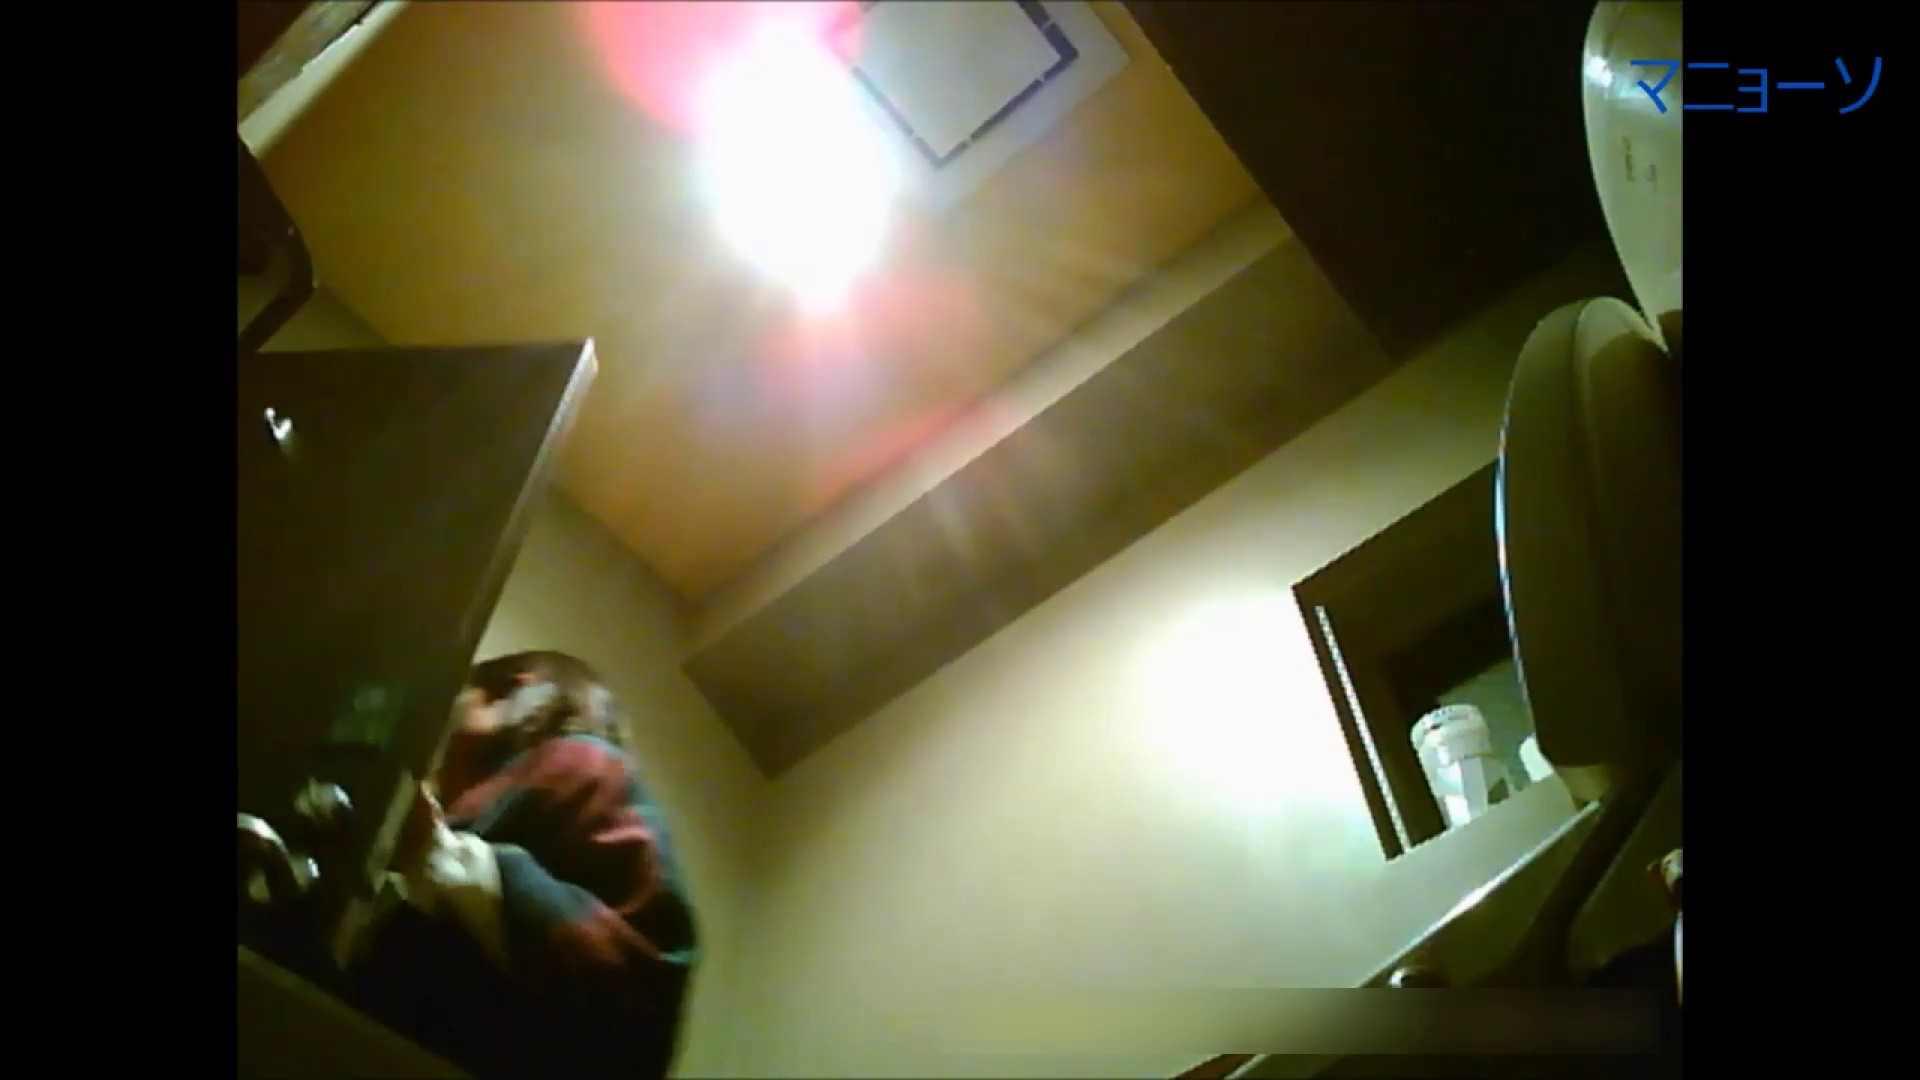 トイレでひと肌脱いでもらいました (JD編)Vol.01 トイレ中 | OL  67連発 31